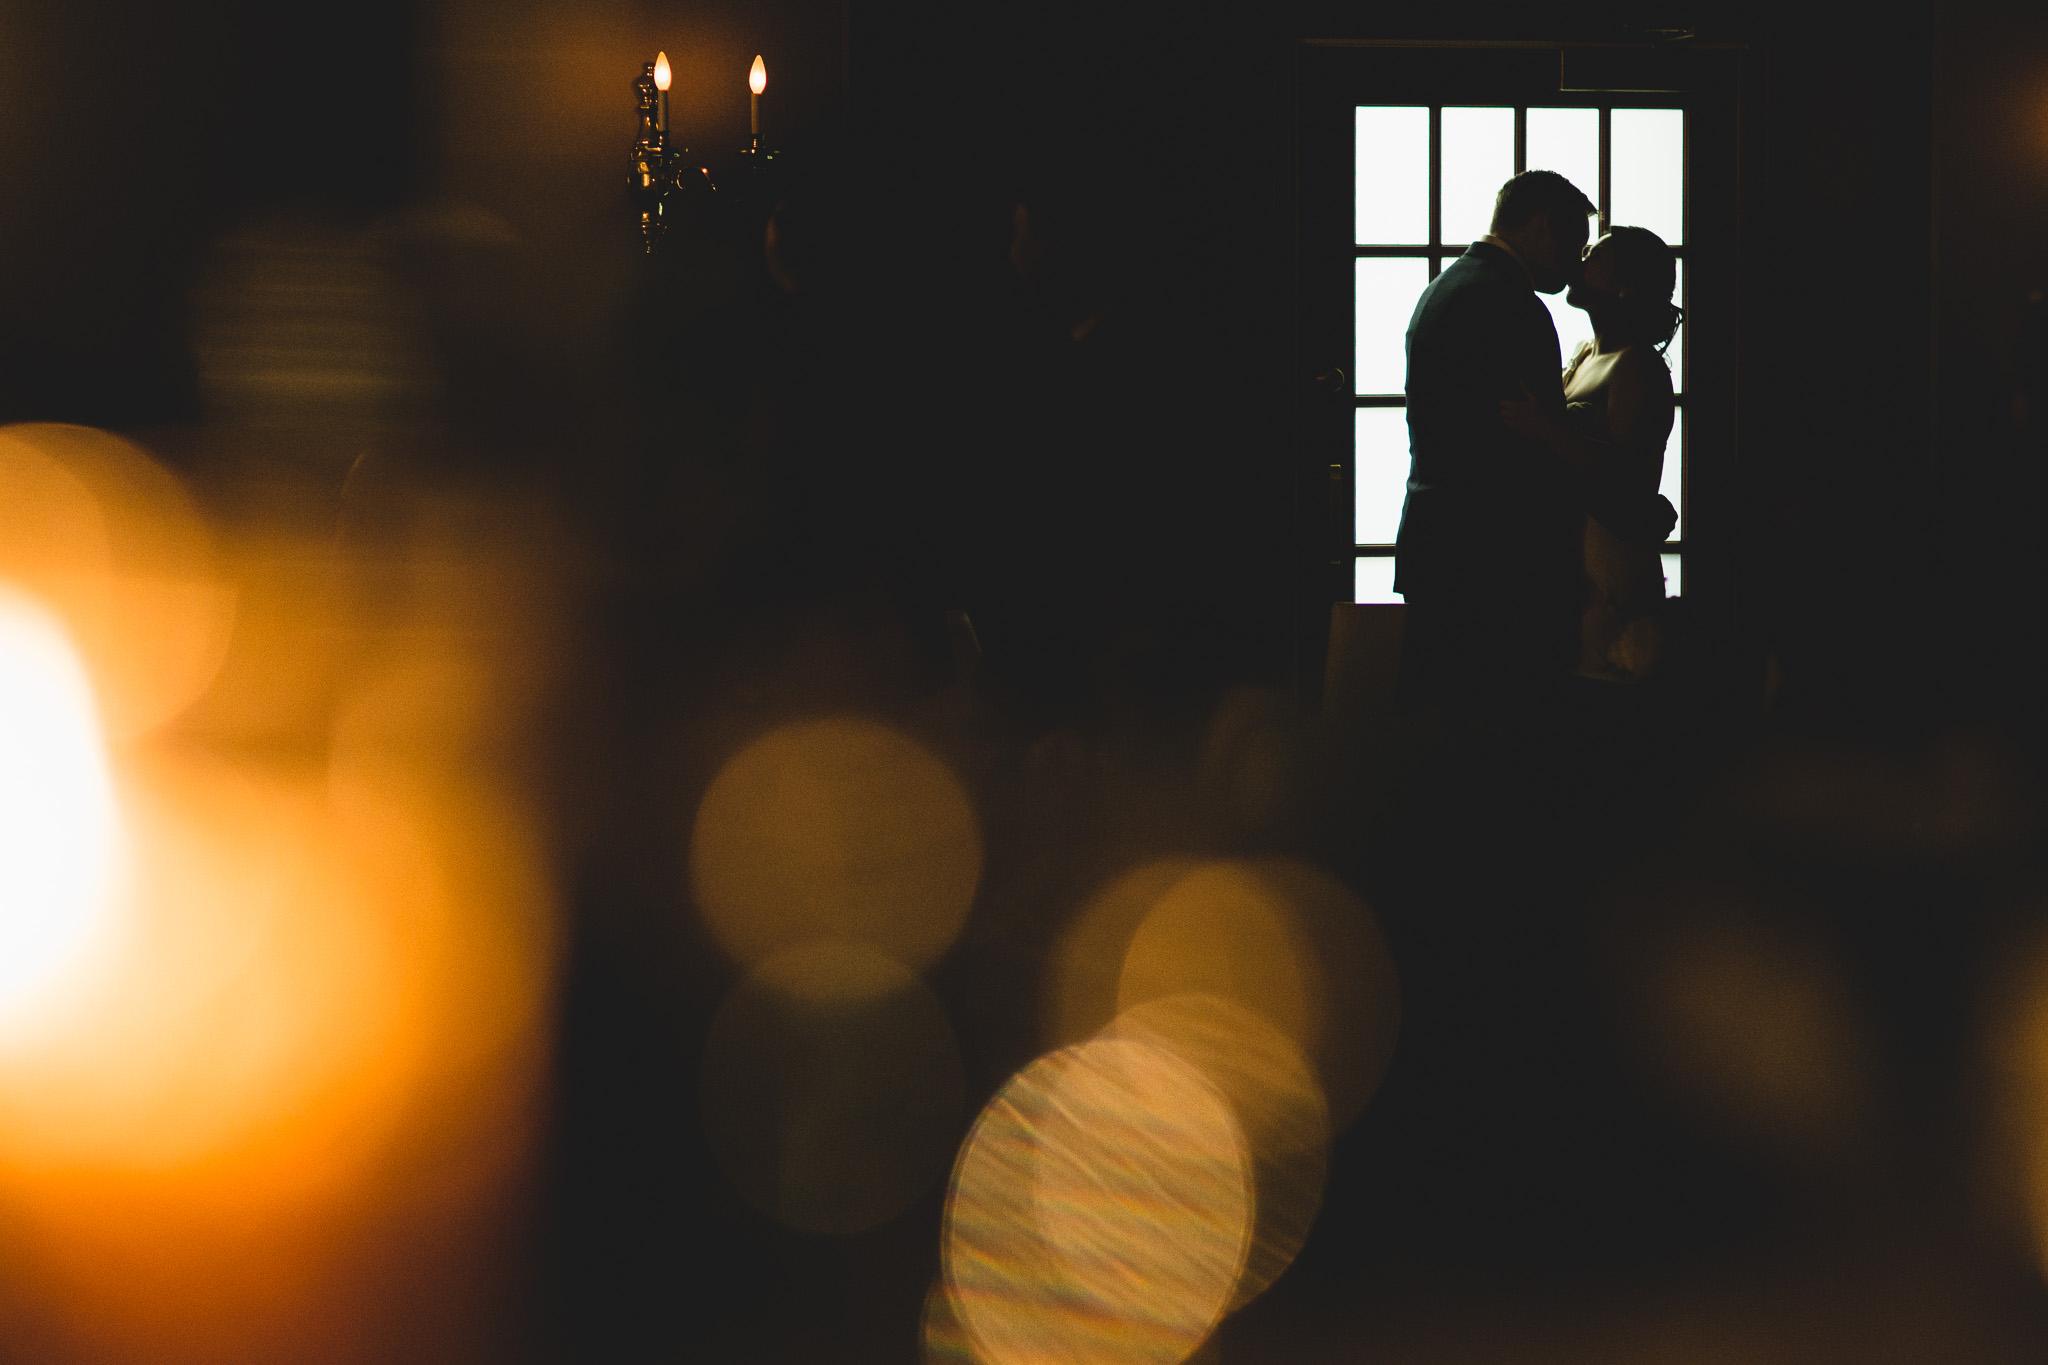 couple sharing a moment at wedding jonathan kuhn